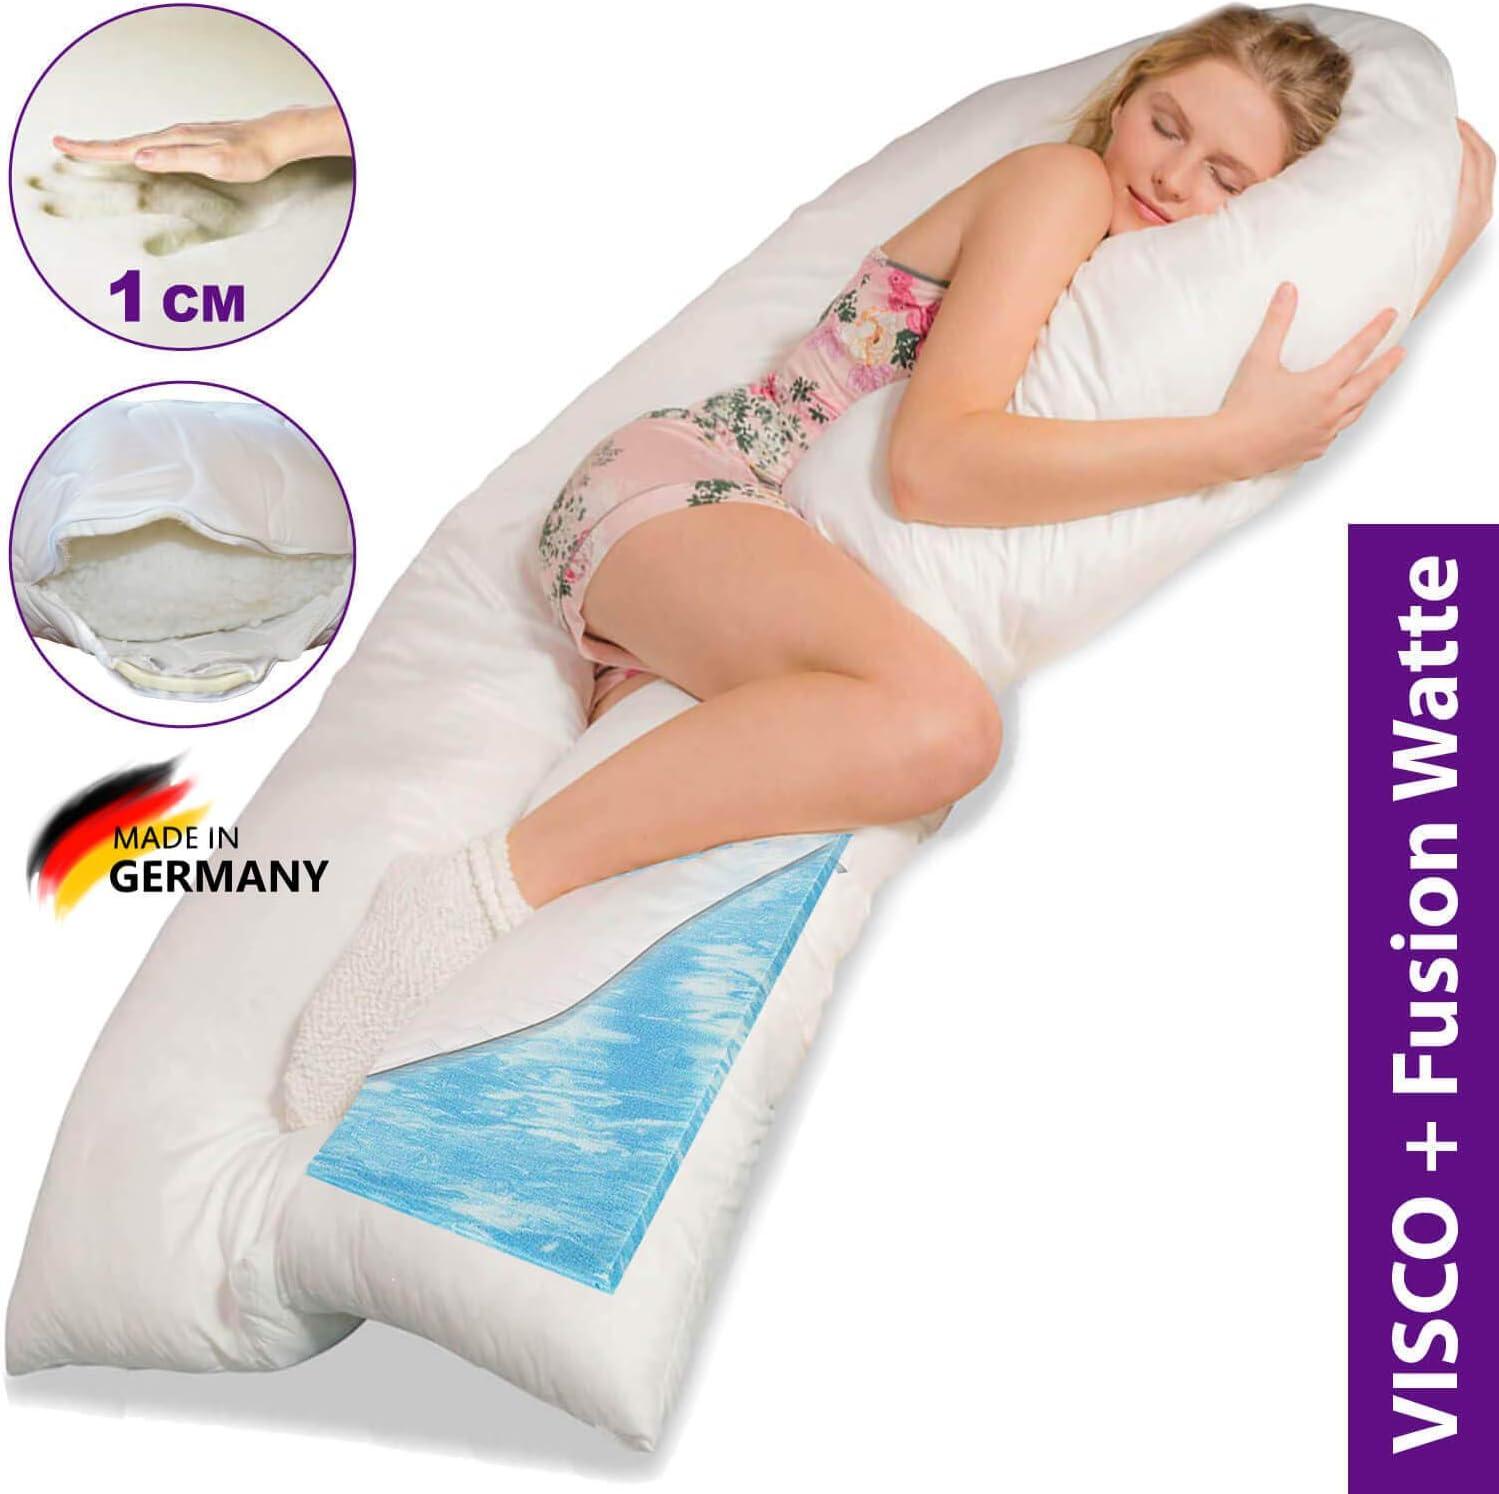 Jumbo XXL U shaped Pregnancy Pillow